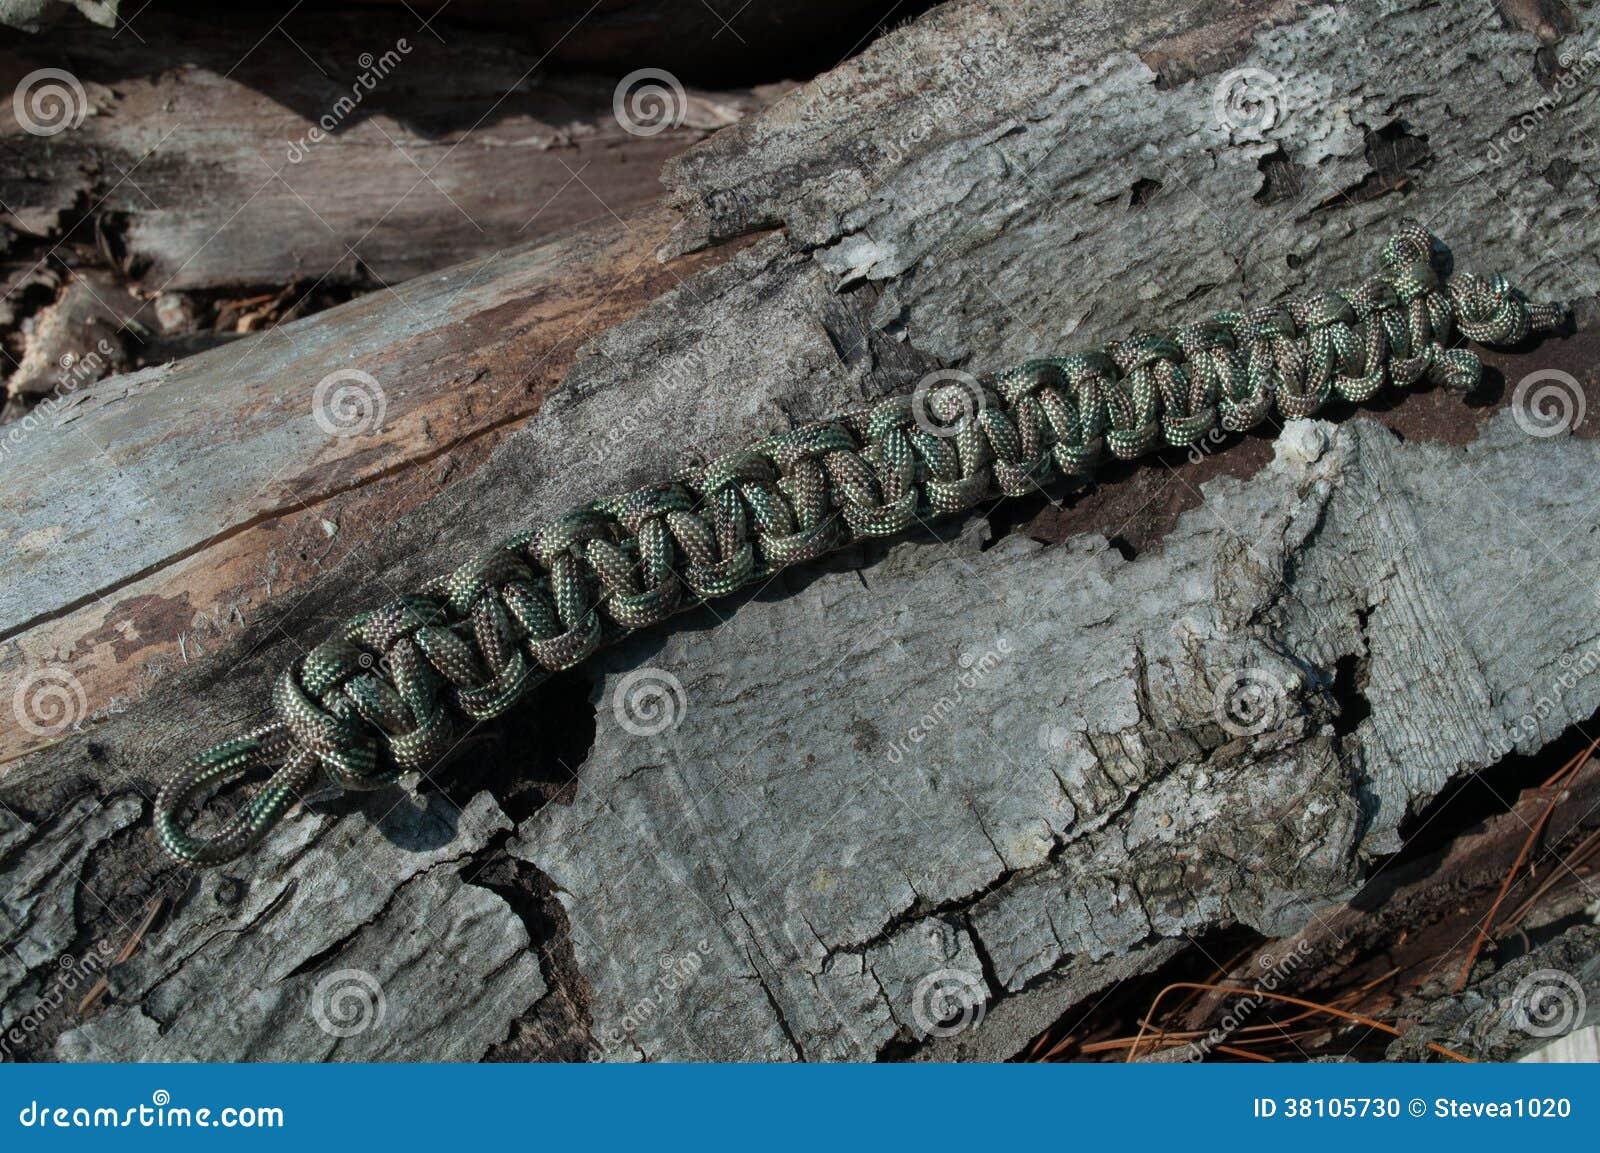 Camo Paracord Bracelet